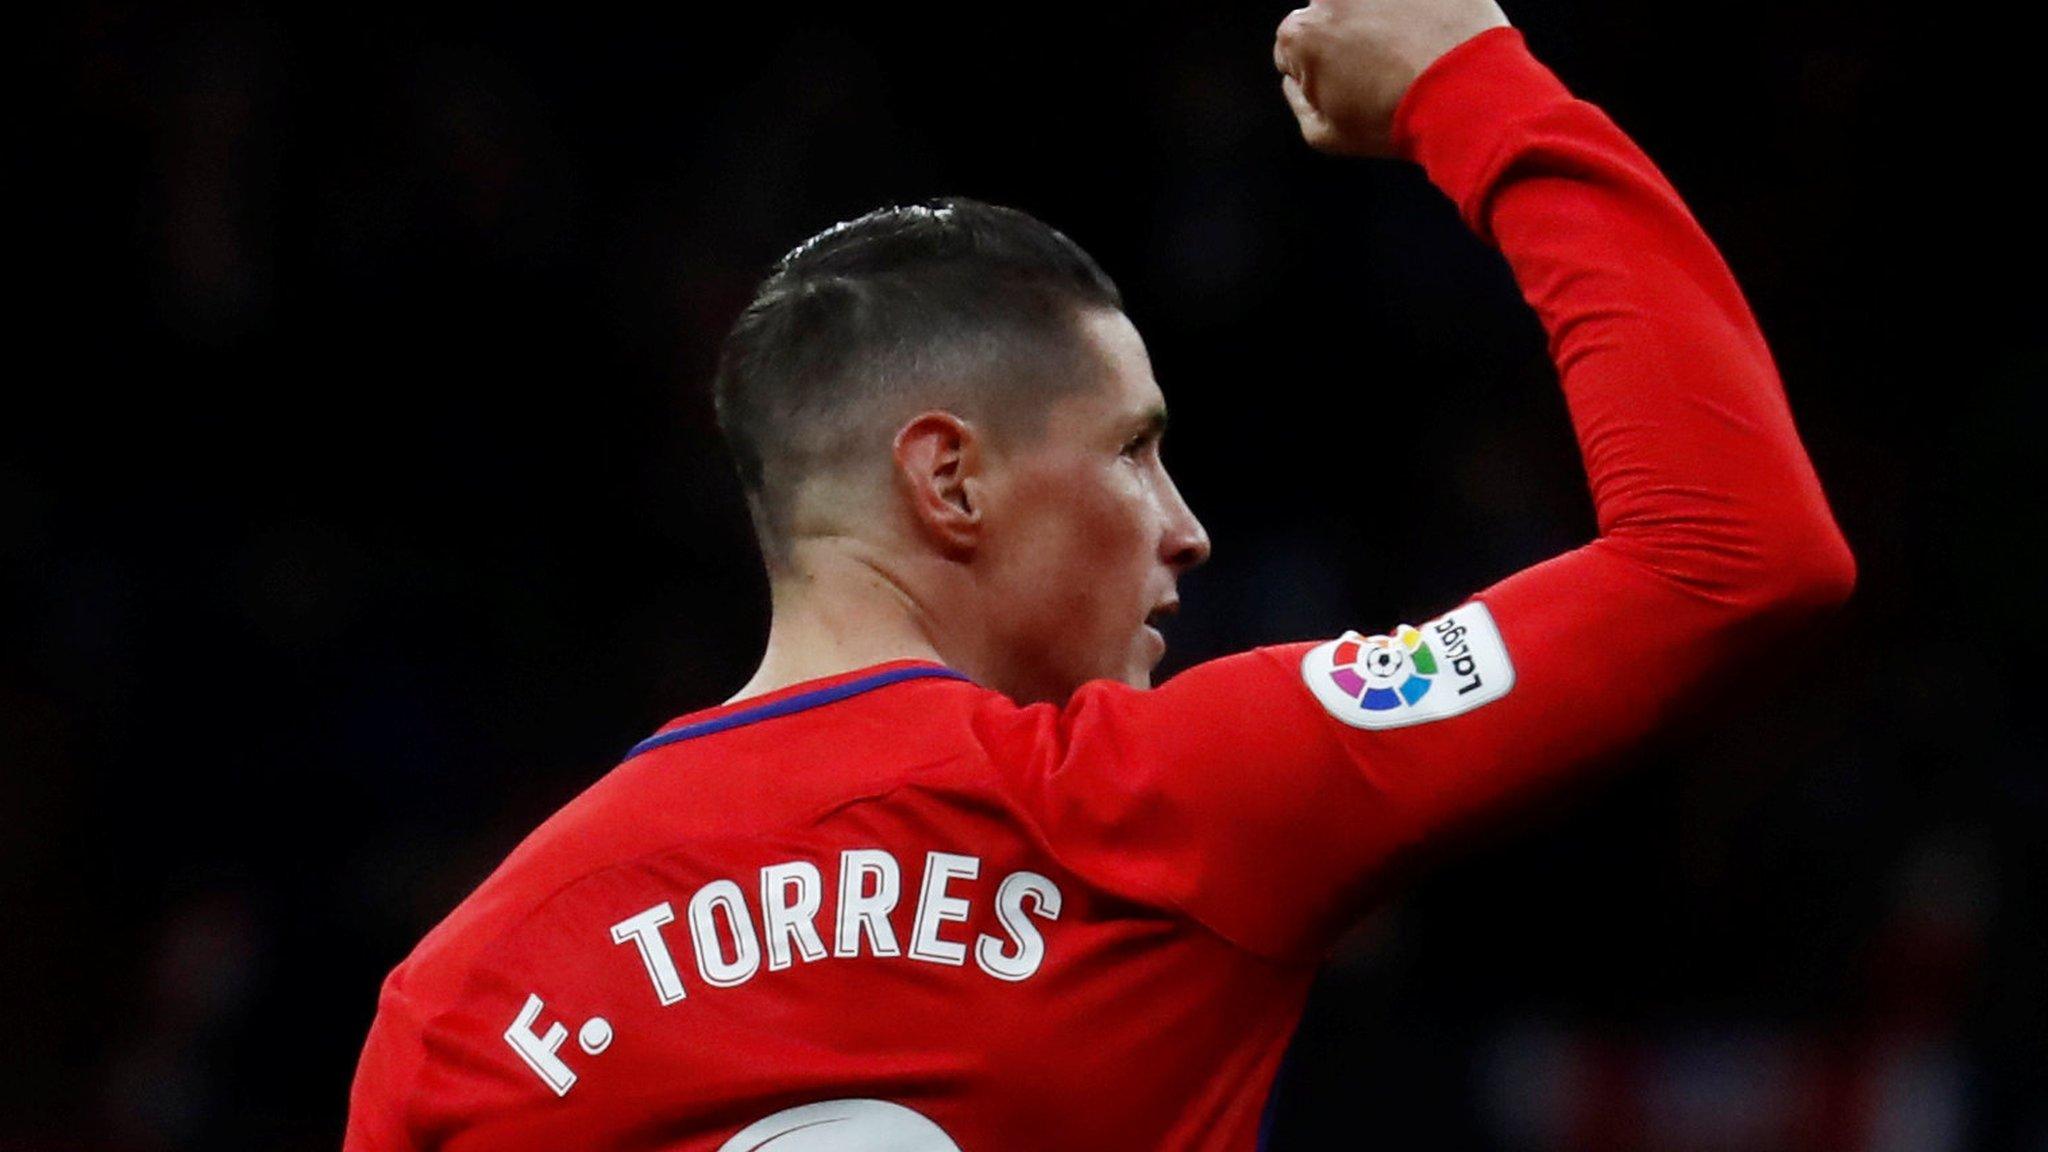 Torres goal puts Atletico second in La Liga